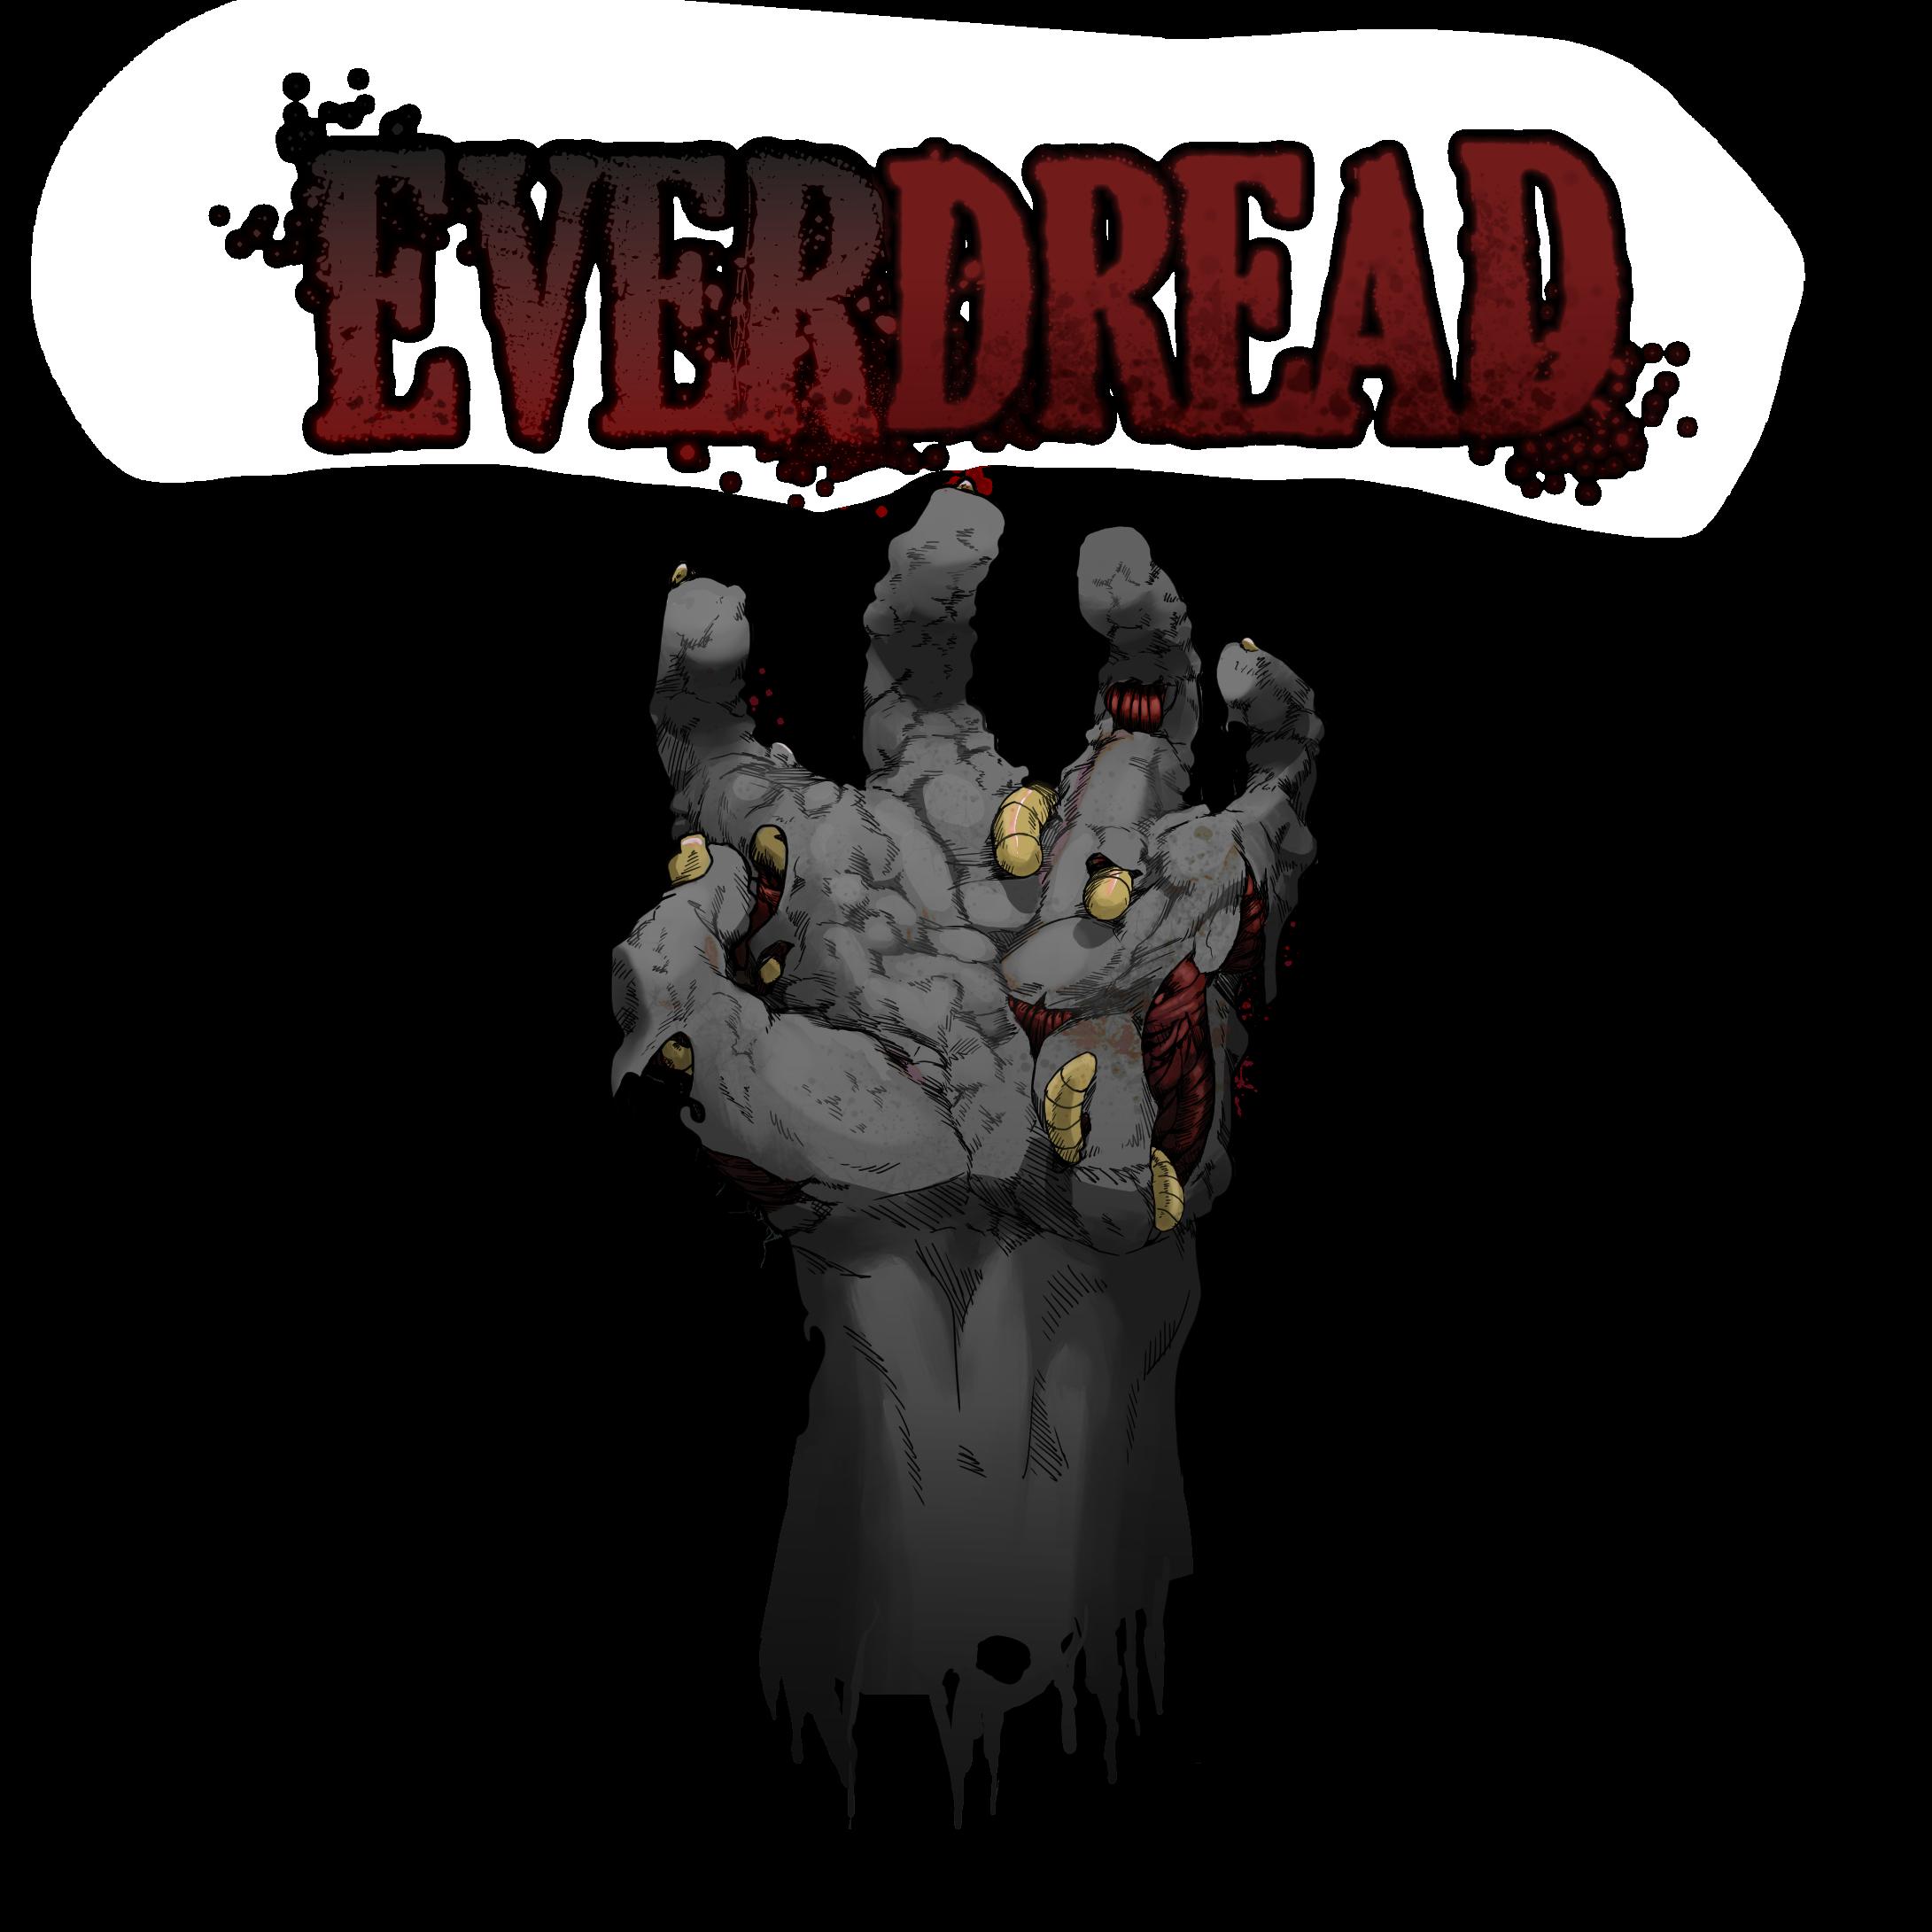 everdread logo